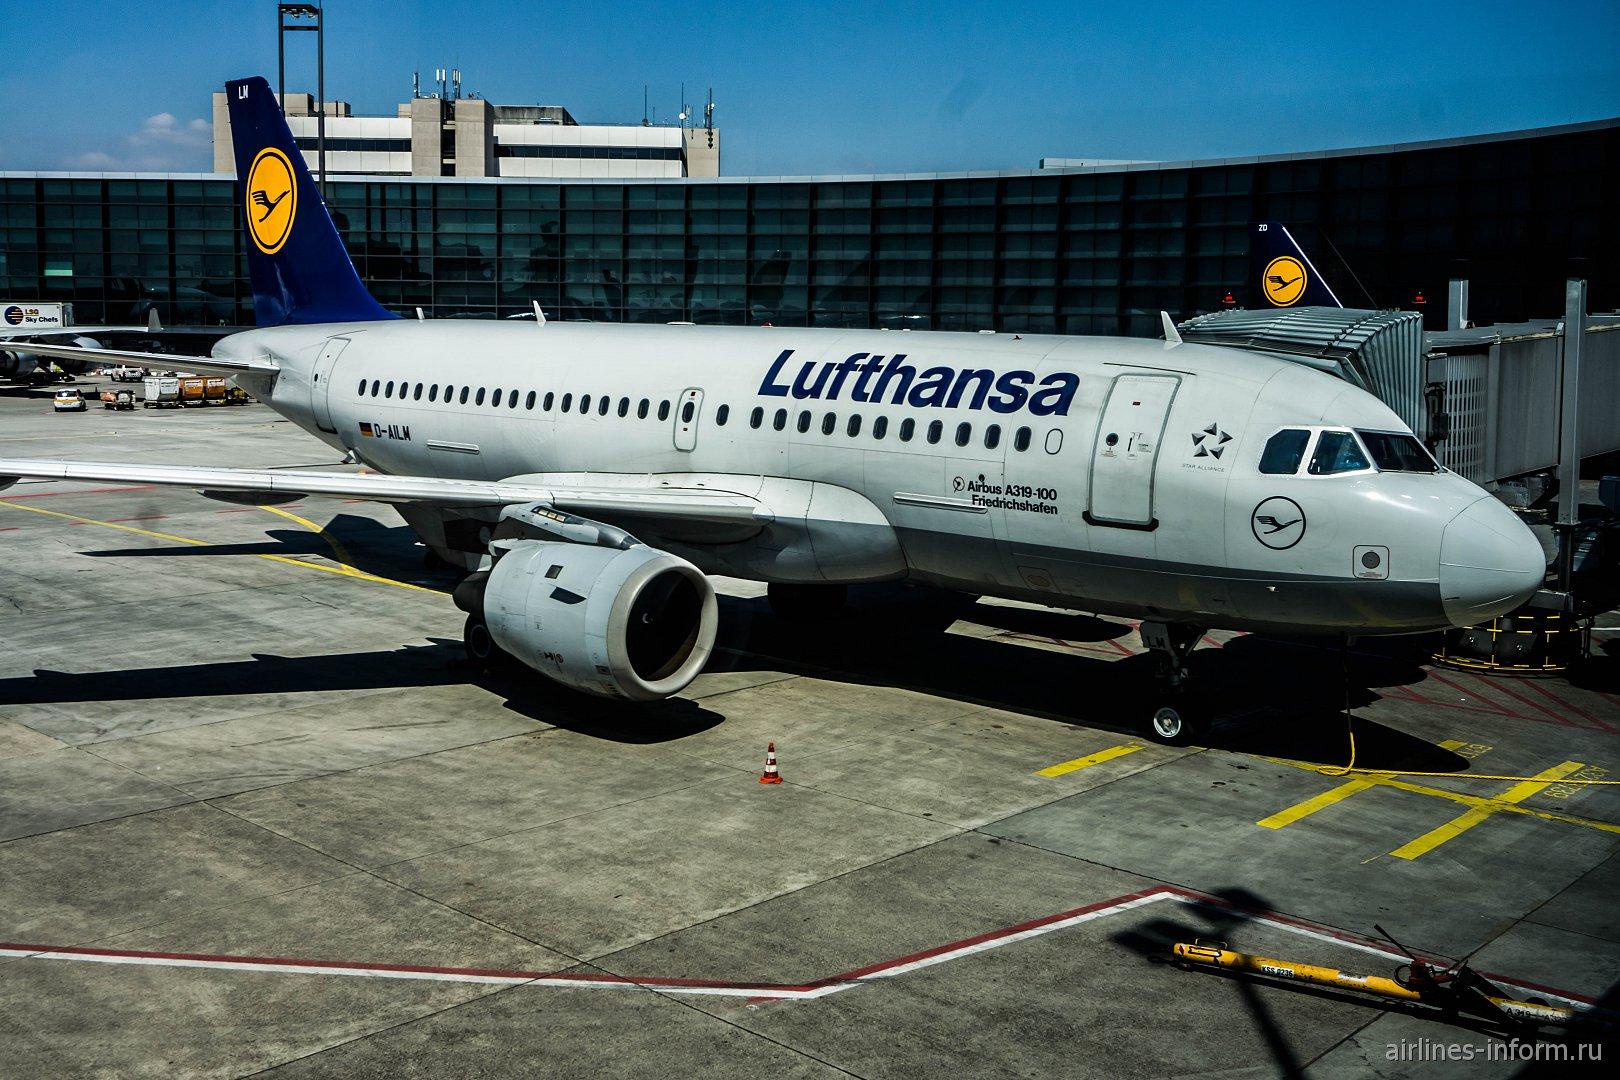 Airbus A319 ������������ Lufthansa � ��������� ����������